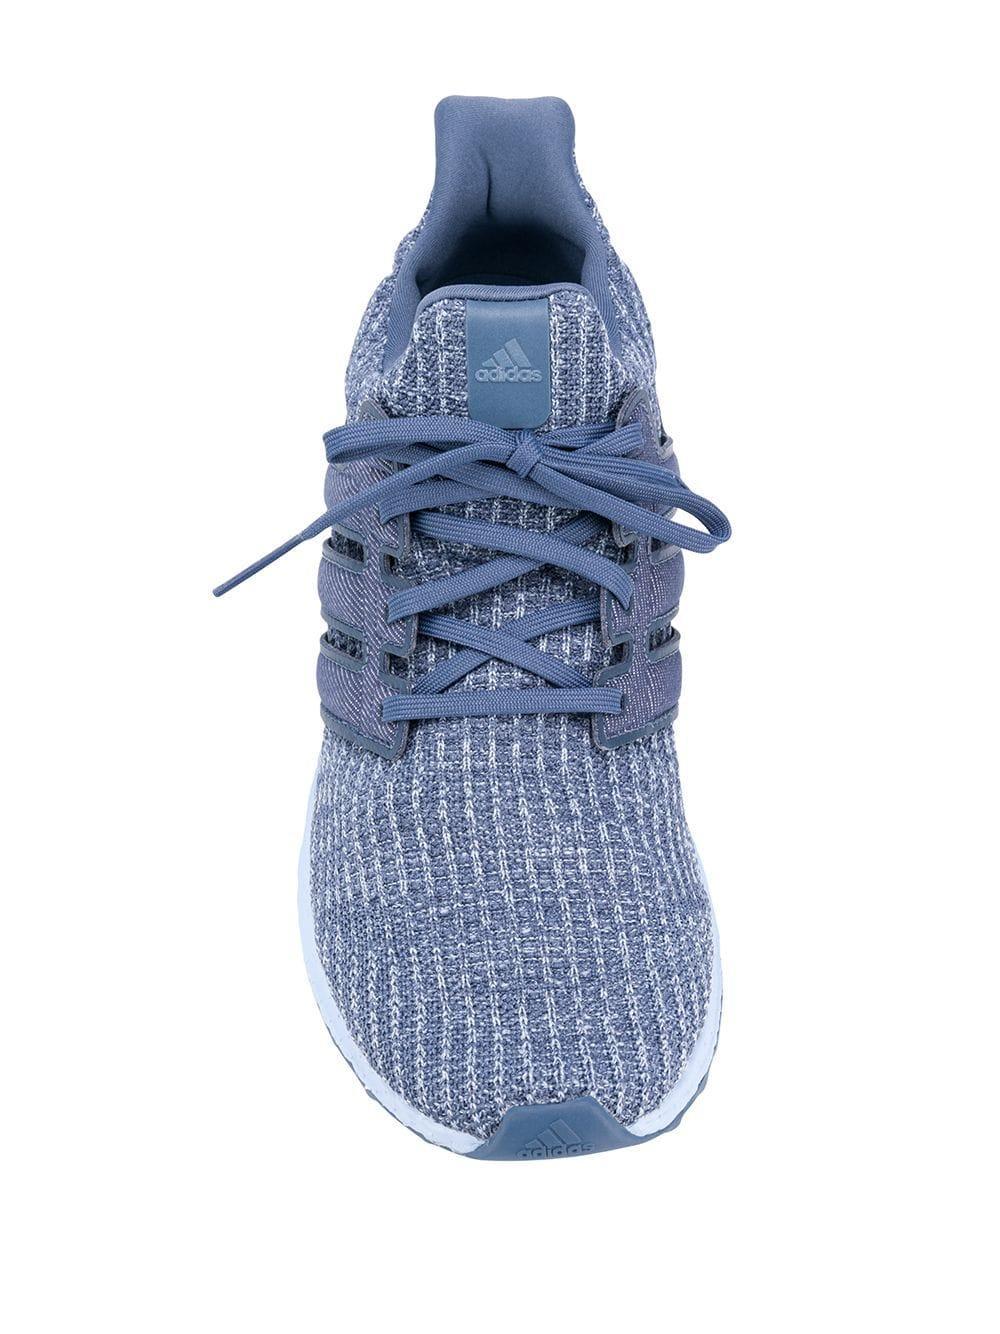 Zapatillas Ultra Boost adidas de Tejido sintético de color Azul para hombre